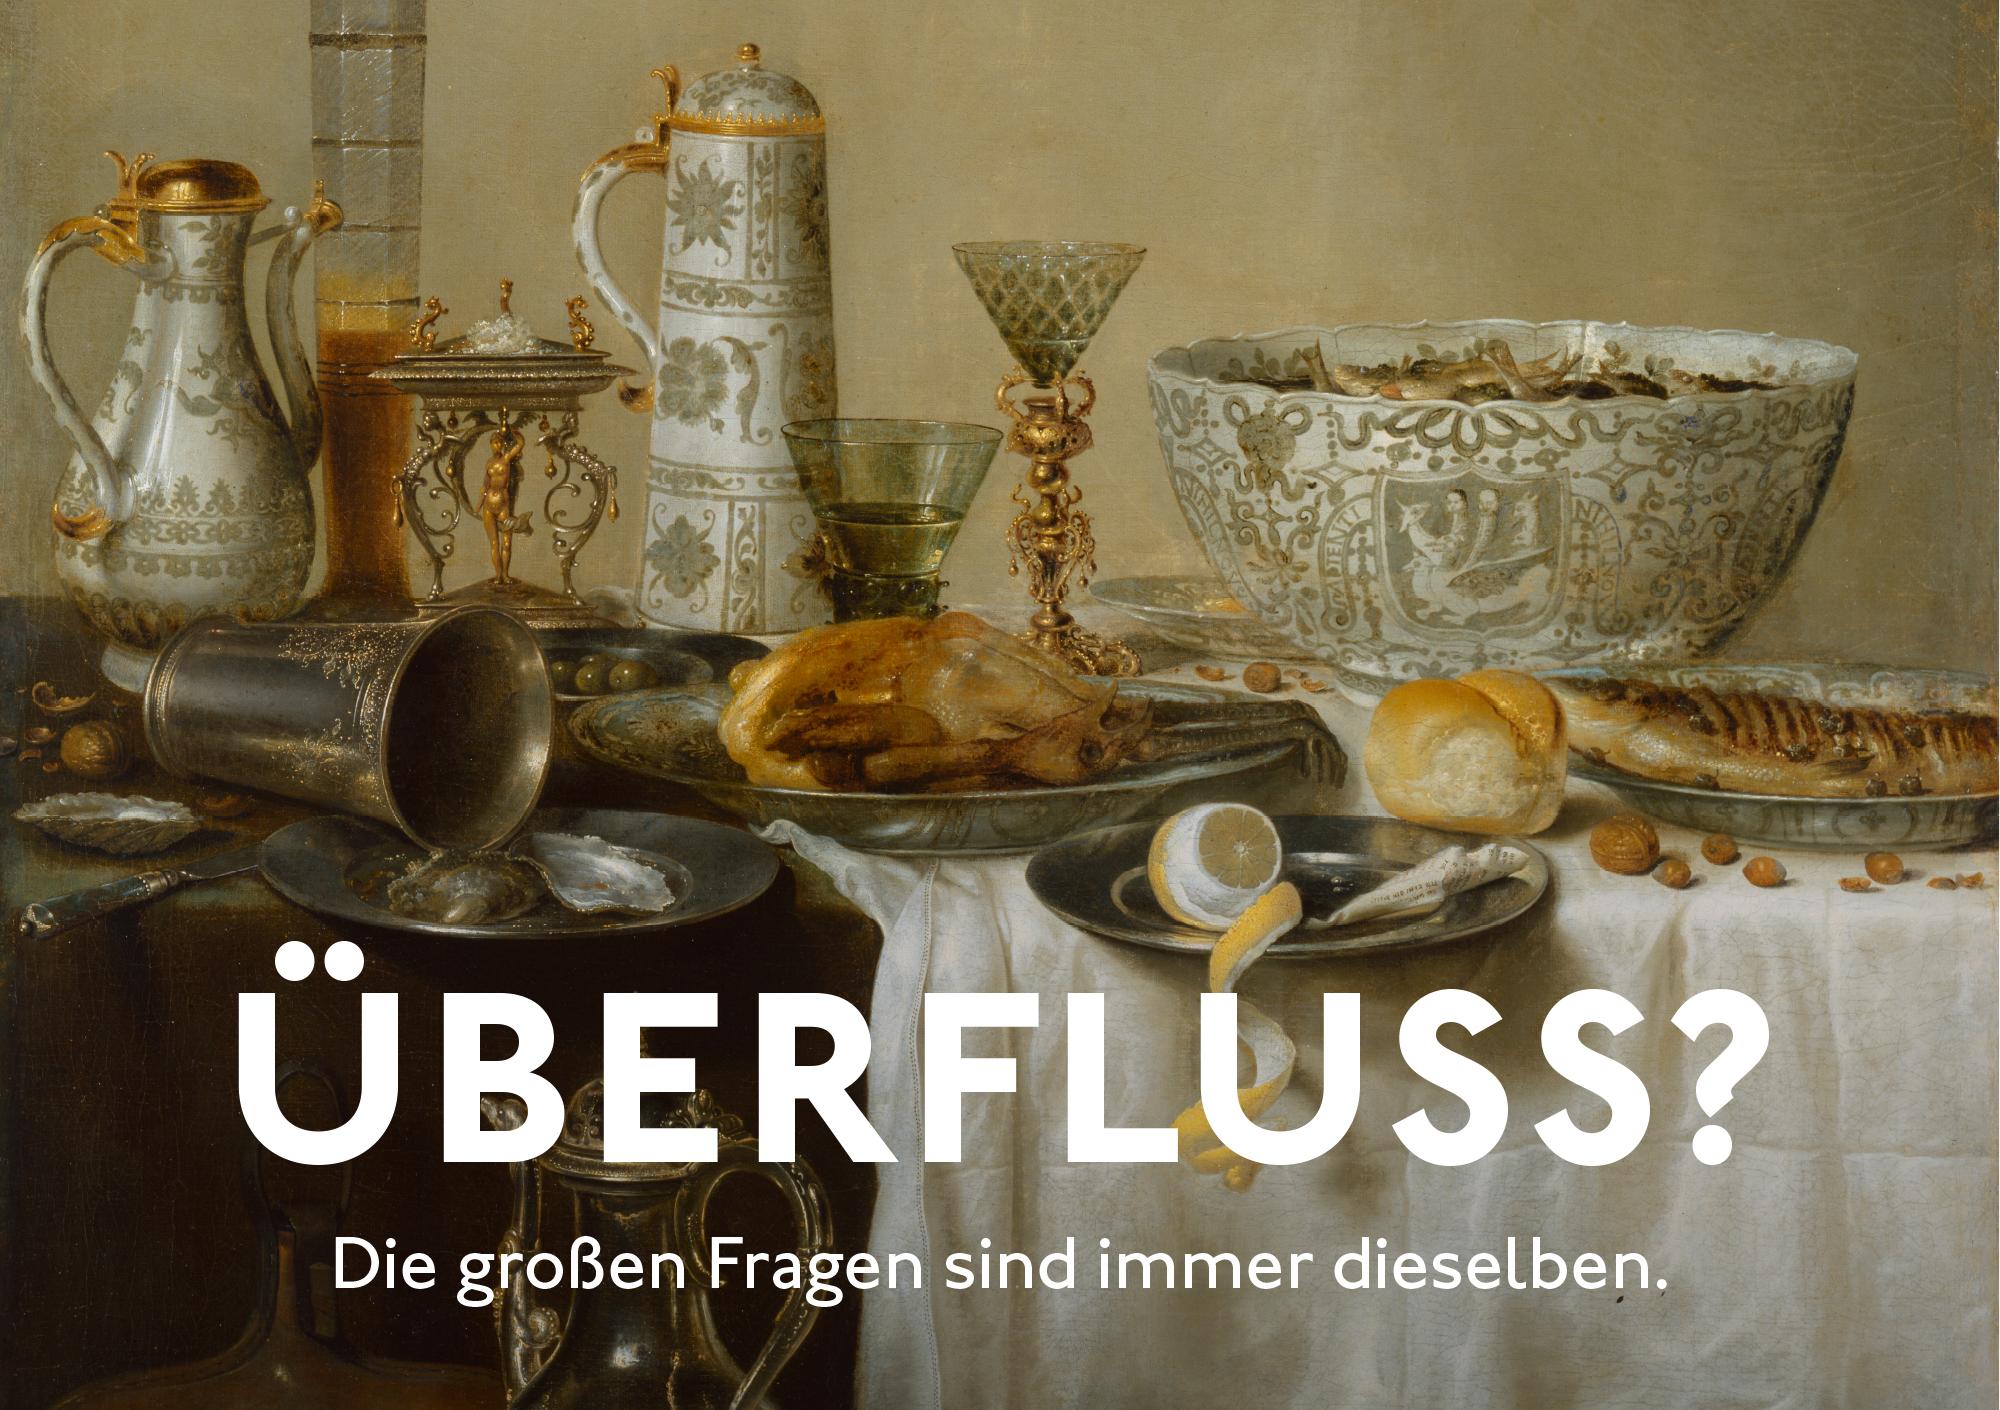 Willem Claesz. Heda, Prunkstillleben, 1638, Foto: Elke Walford